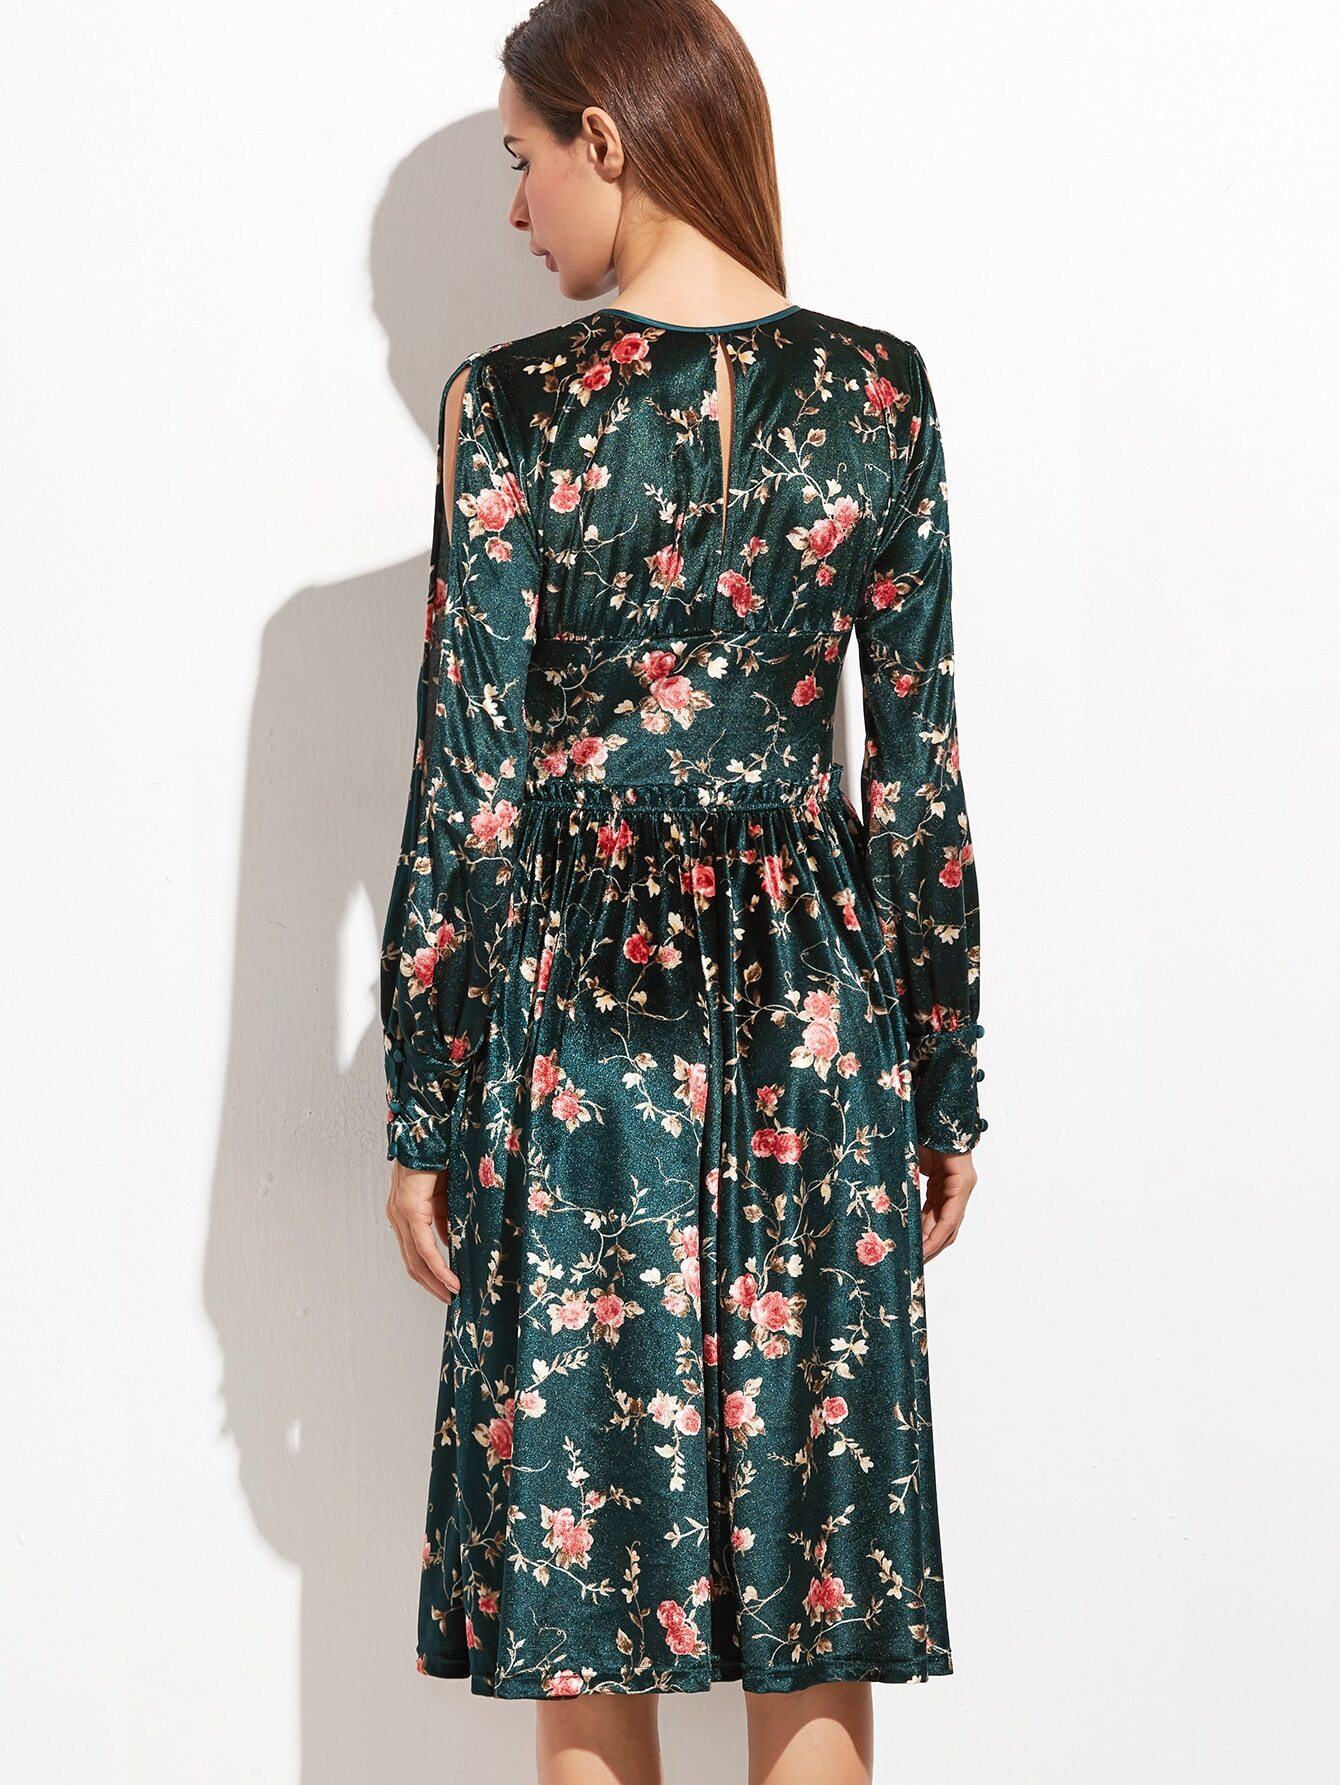 dress161201721_2